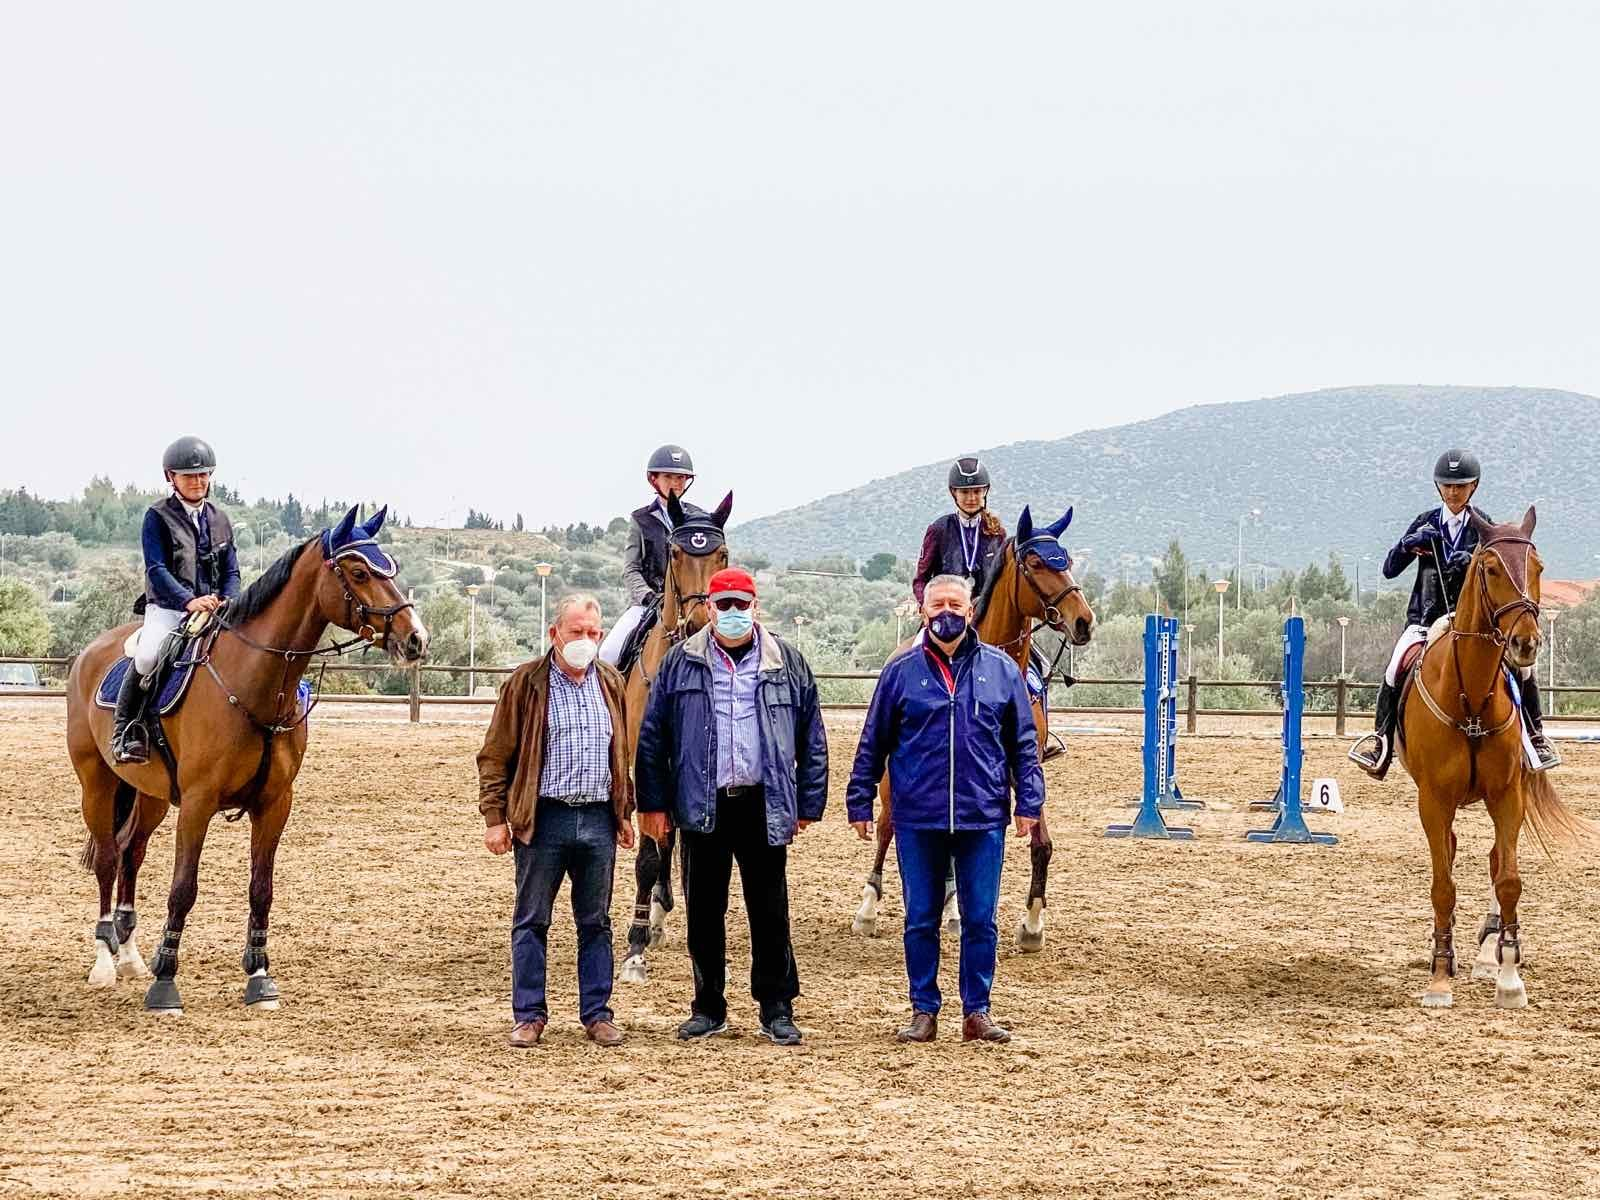 Ελληνική Ομοσπονδία Ιππασίας: 2ος αγώνας Πρόκρισης – Προετοιμασίας στο Μαρκόπουλο!